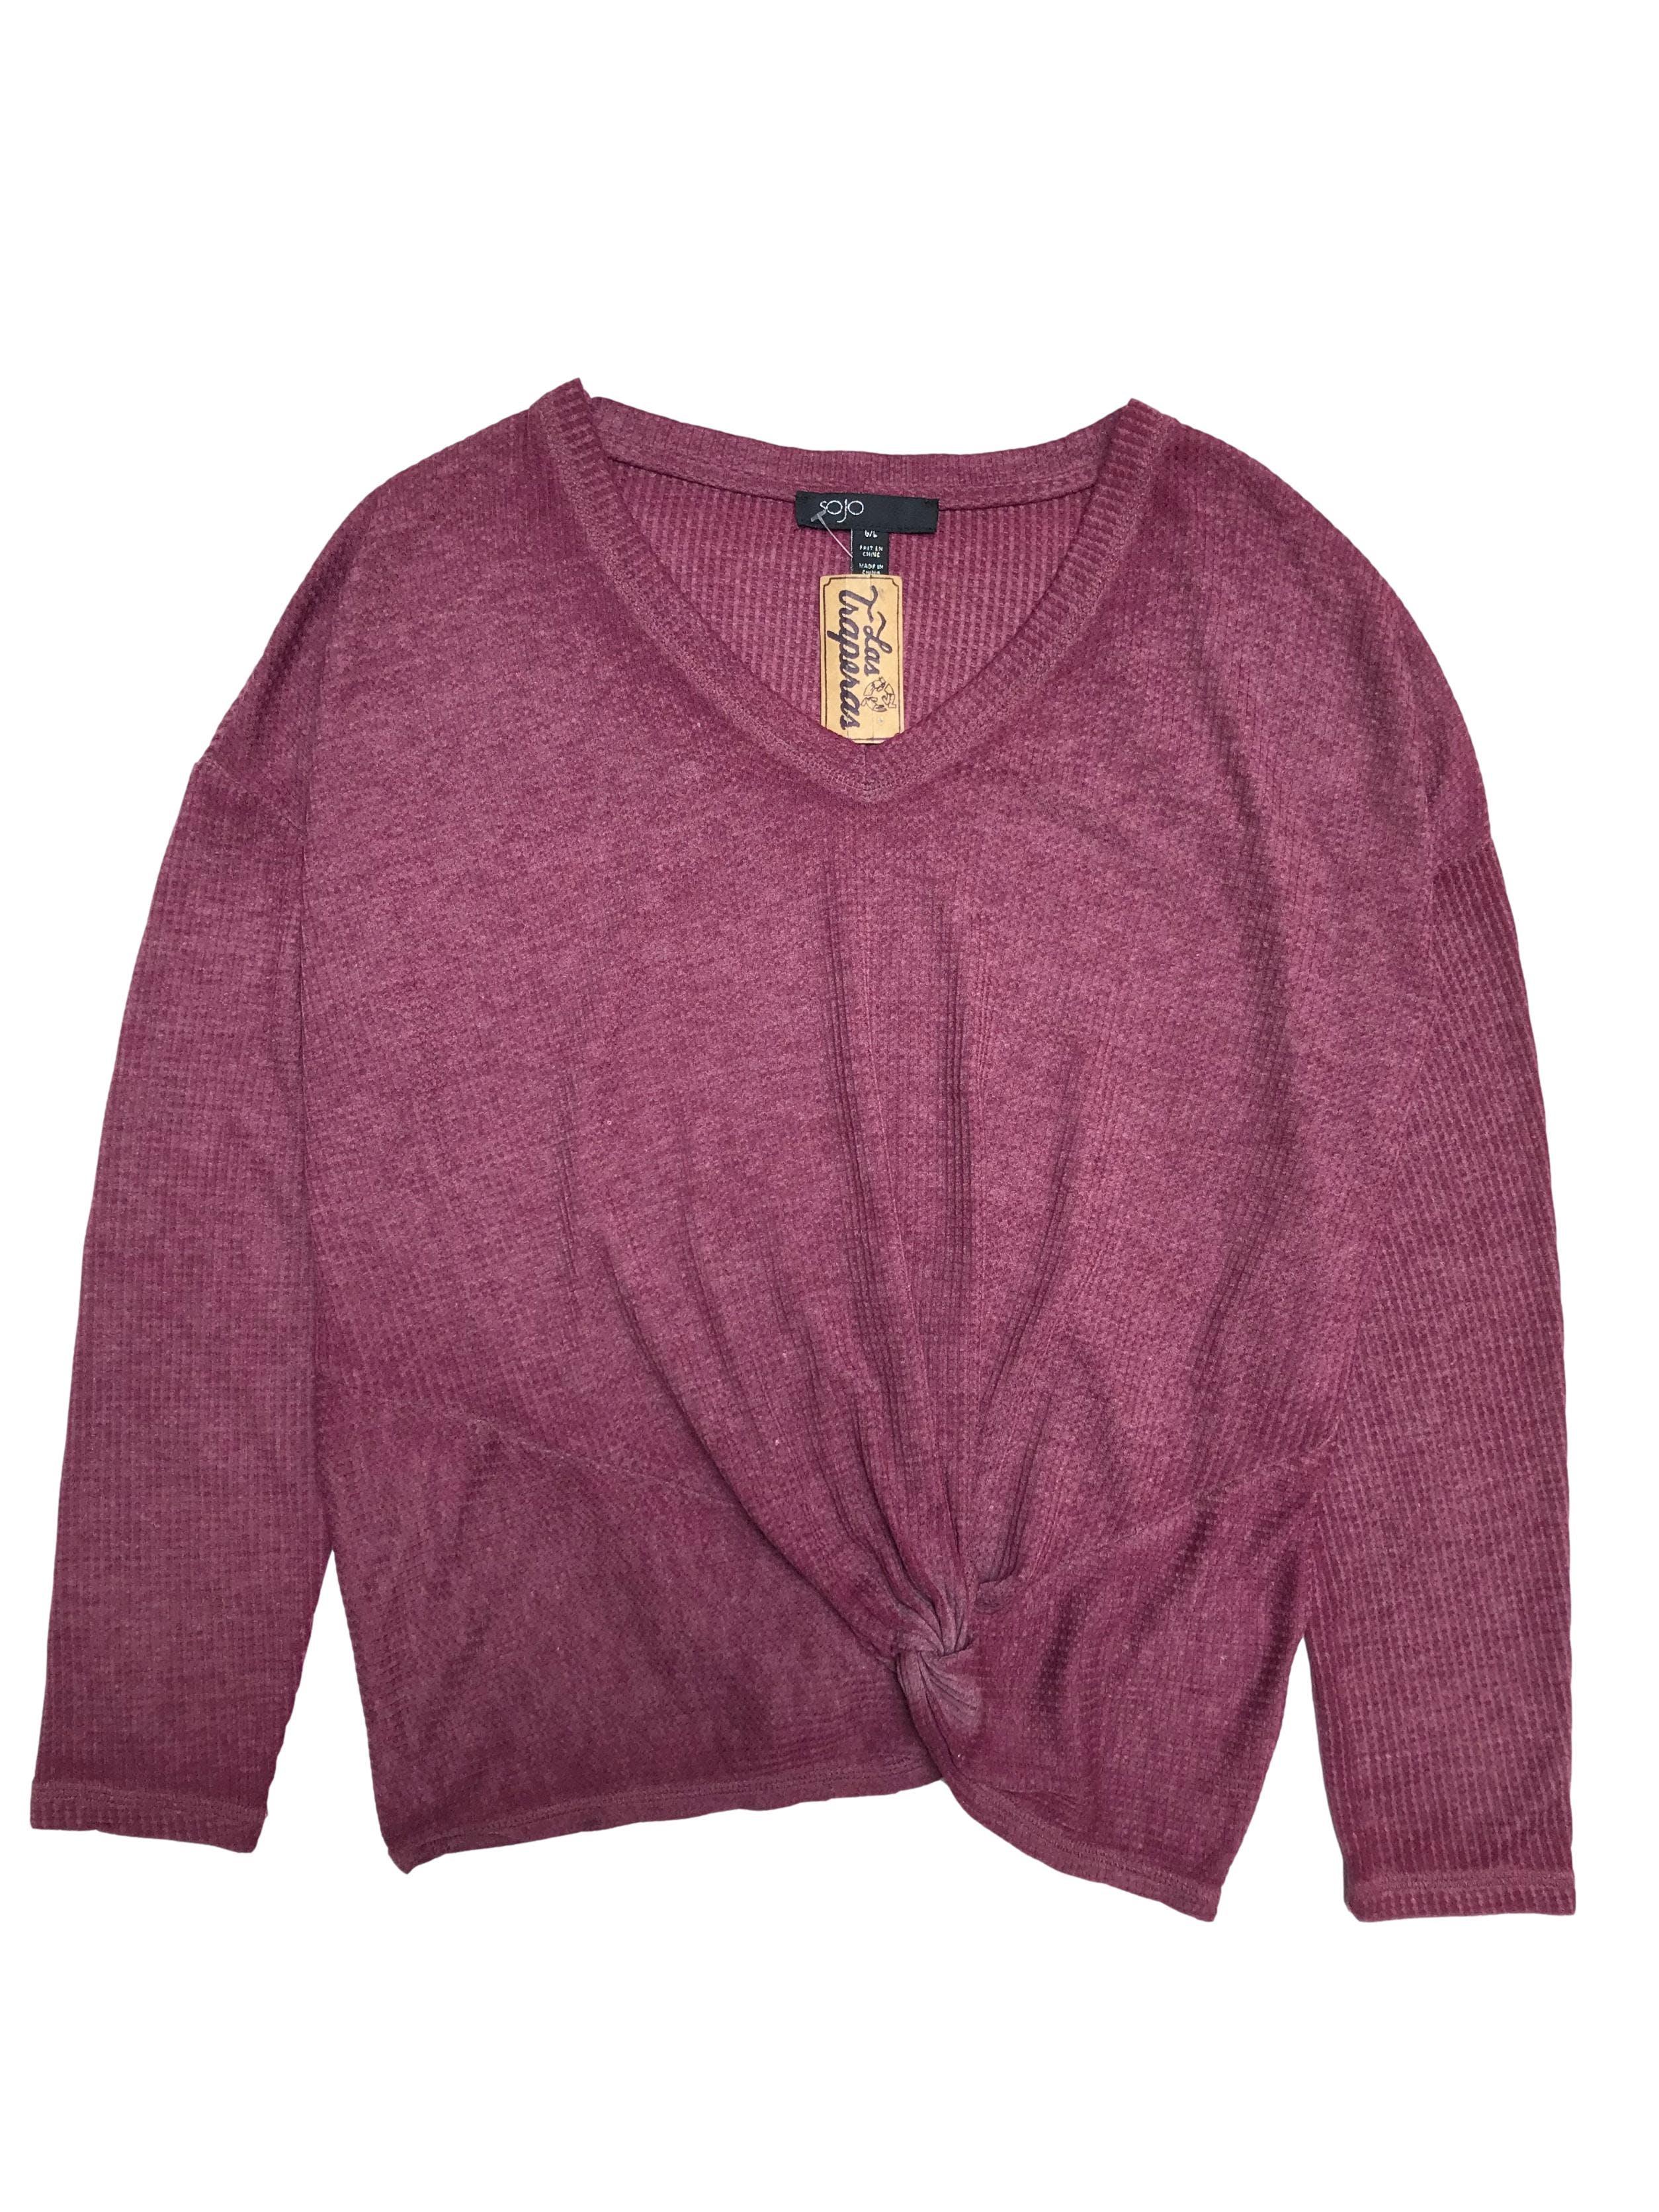 Polo Sojo guinda con textura y efecto lavado, cuello en V y recogido delantero, 58% algodón.